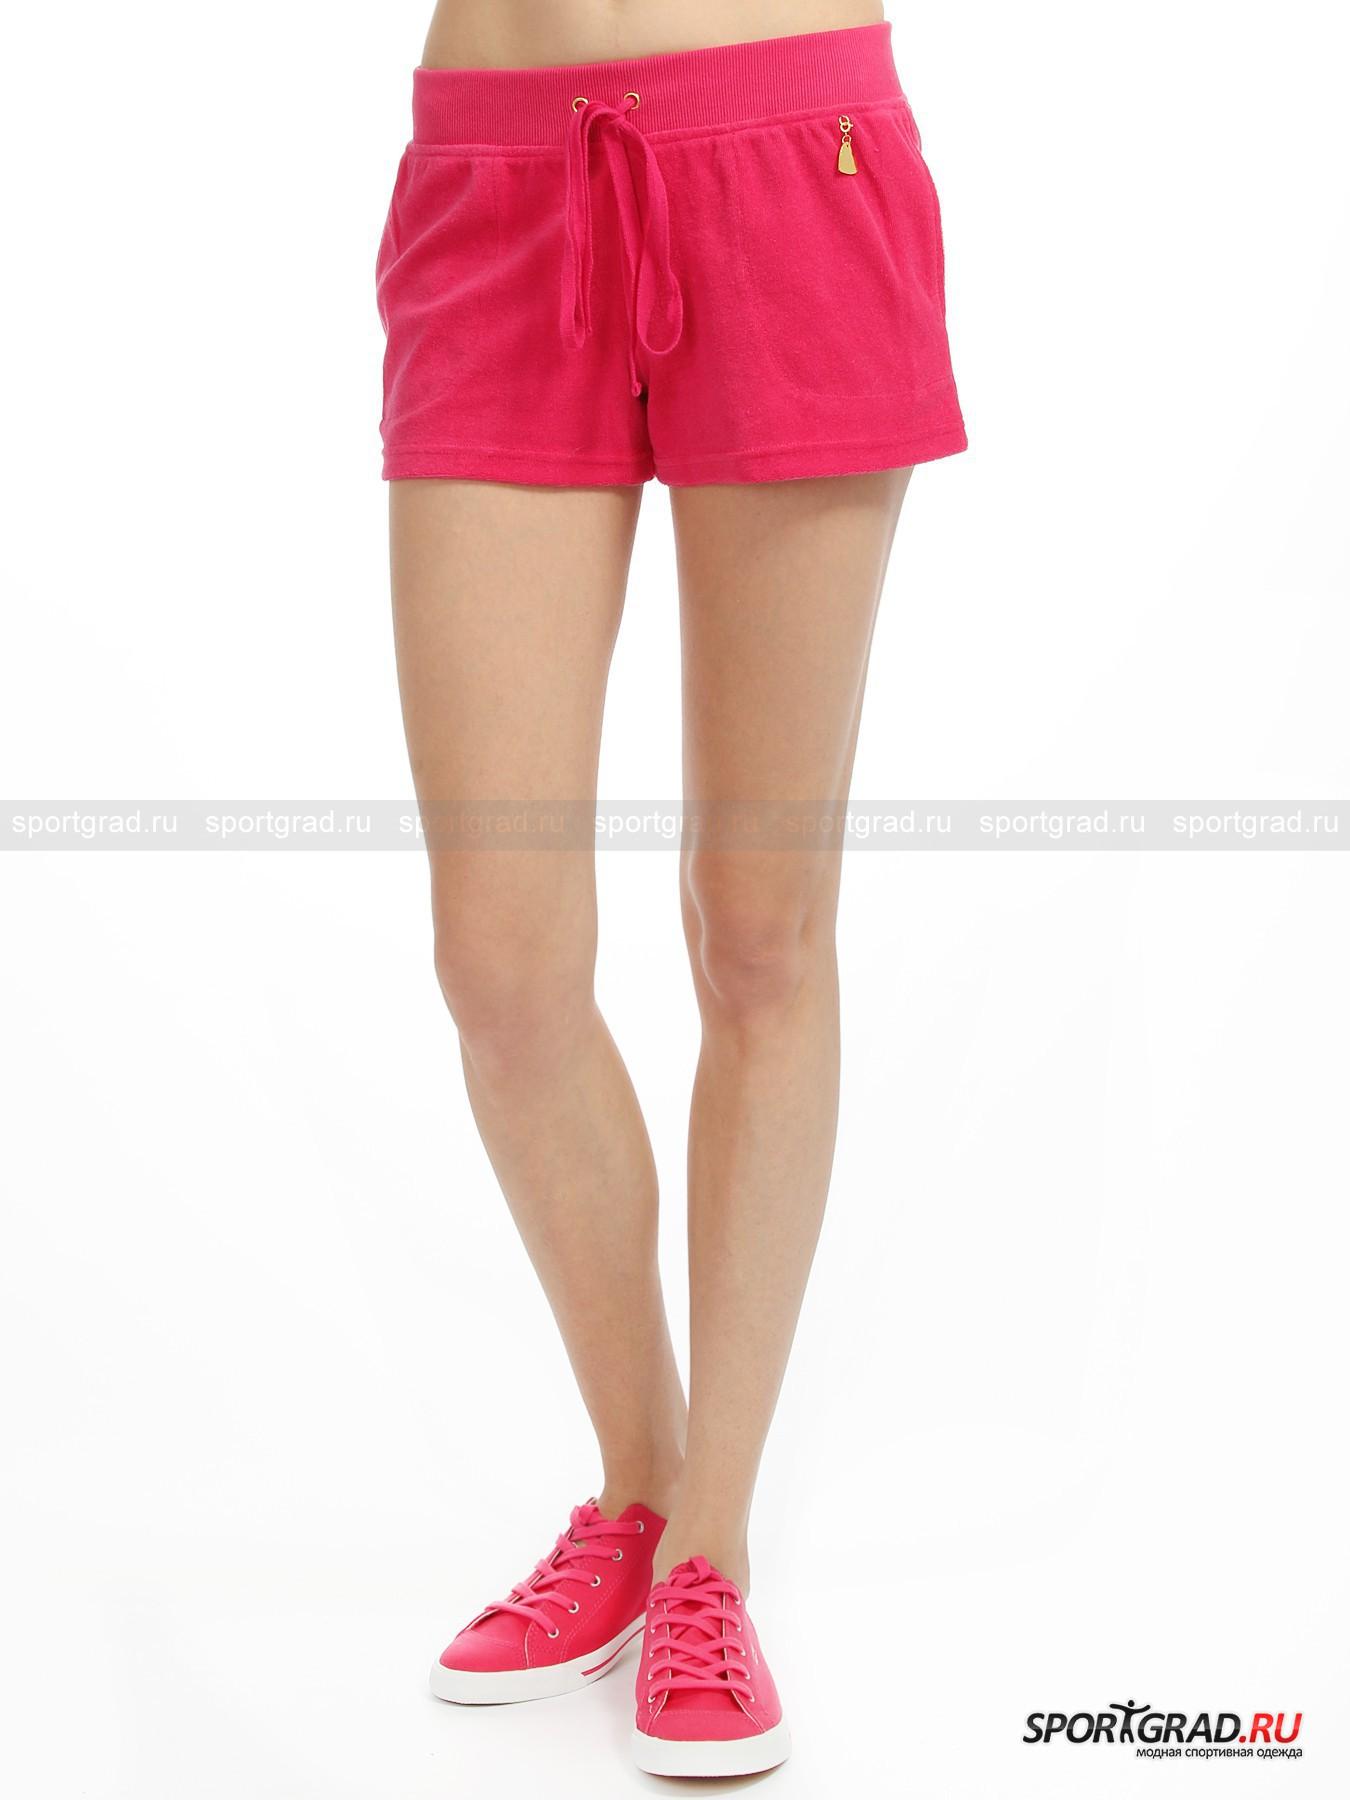 Шорты женские Short pants BEAШорты, Велосипедки<br>Женские шорты Short Pant BEA – ультракороткая модель красивого ягодного цвета, которая будет очень кстати в отпуске, при поездке загород или в качестве домашней одежды. Шорты сшиты из хлопкового материала с петельчатой лицевой поверхностью, и имеют притачной пояс с кулиской, боковые карманы, съемный металлический кулон в форме сердца с надписью BEA, а также отделку в виде сердечка, выложенного сверкающими стразами.  <br><br>Ширина изделия по талии 34 см, длина по боковому шву 26 см (размер 40).<br><br>Пол: Женский<br>Возраст: Взрослый<br>Тип: Шорты, Велосипедки<br>Рекомендации по уходу: Рекомендуется химчистка. Гладить при низкой температуре. Не подвергать изделие  стирке, отбеливанию и отжиму в центрифуге.<br>Состав: 80% хлопок, 20% полиэстер